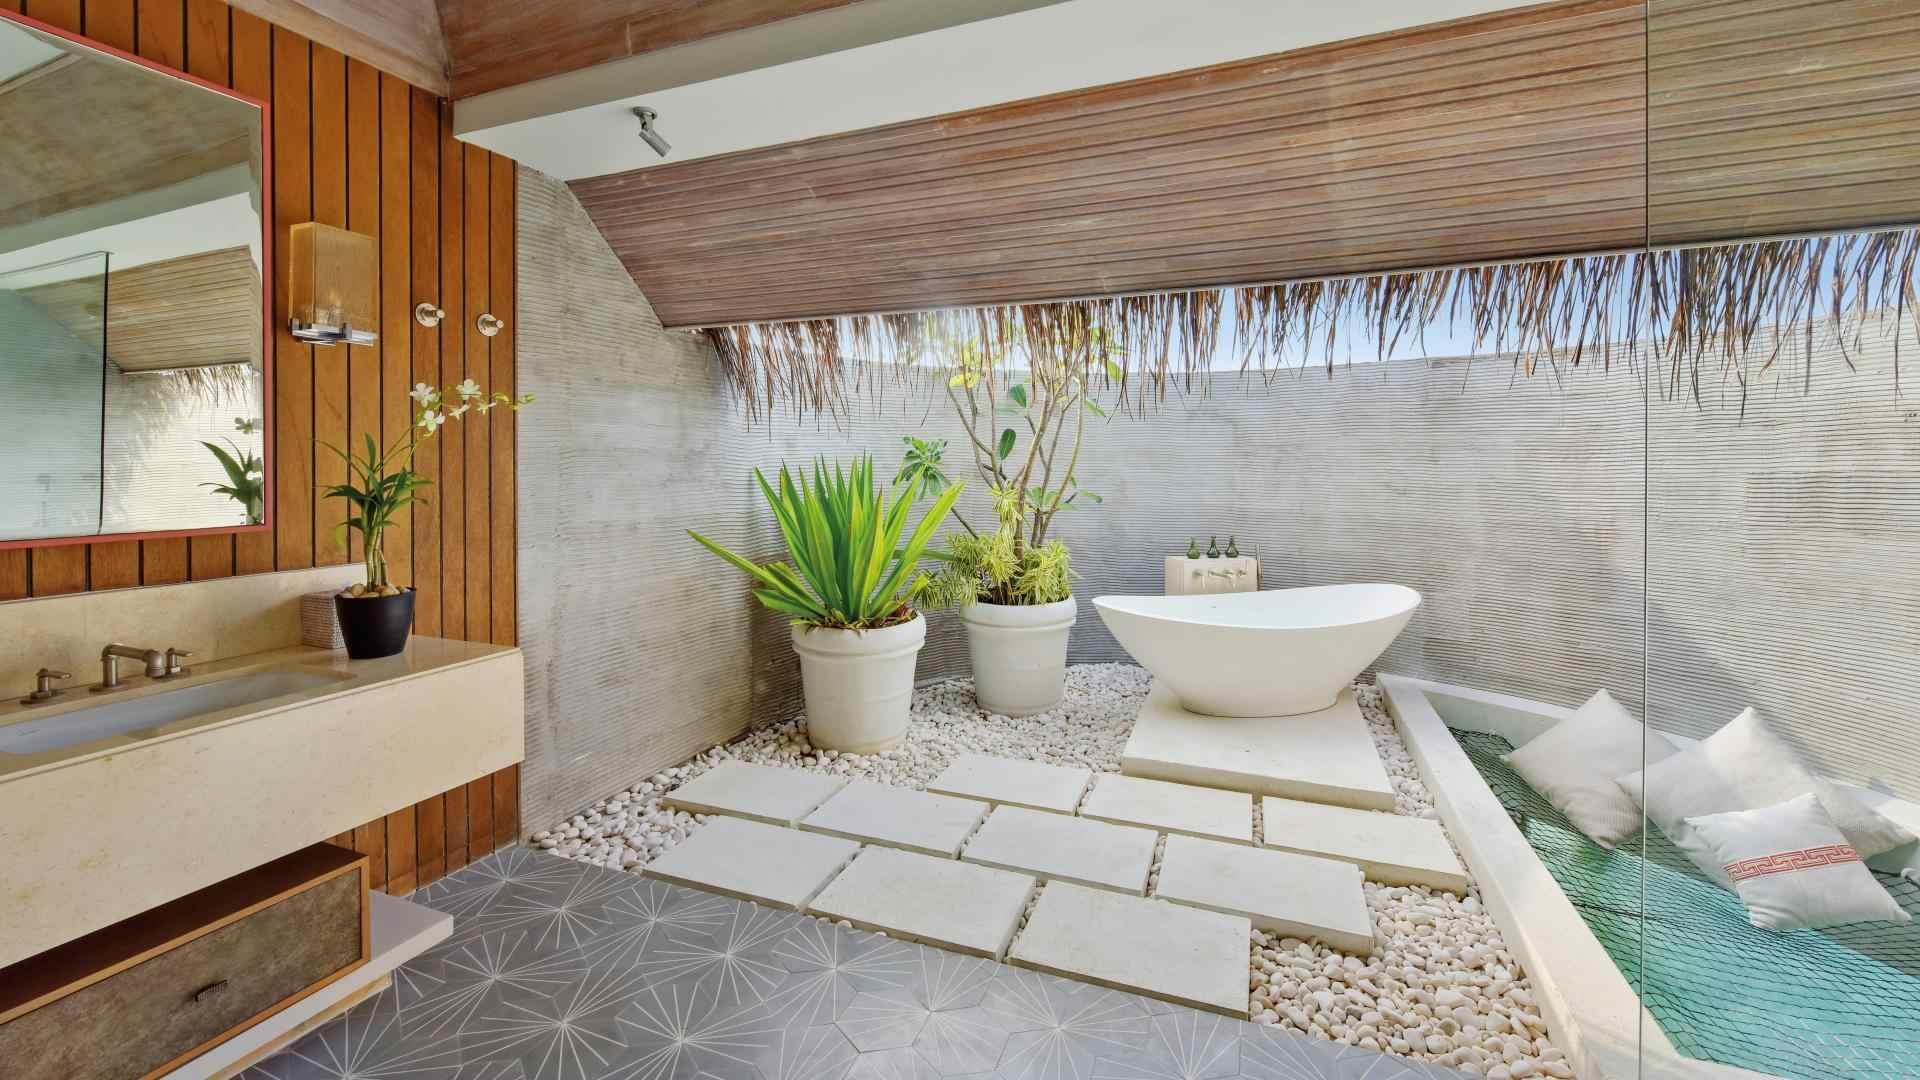 Kanuhura luxury bathroom